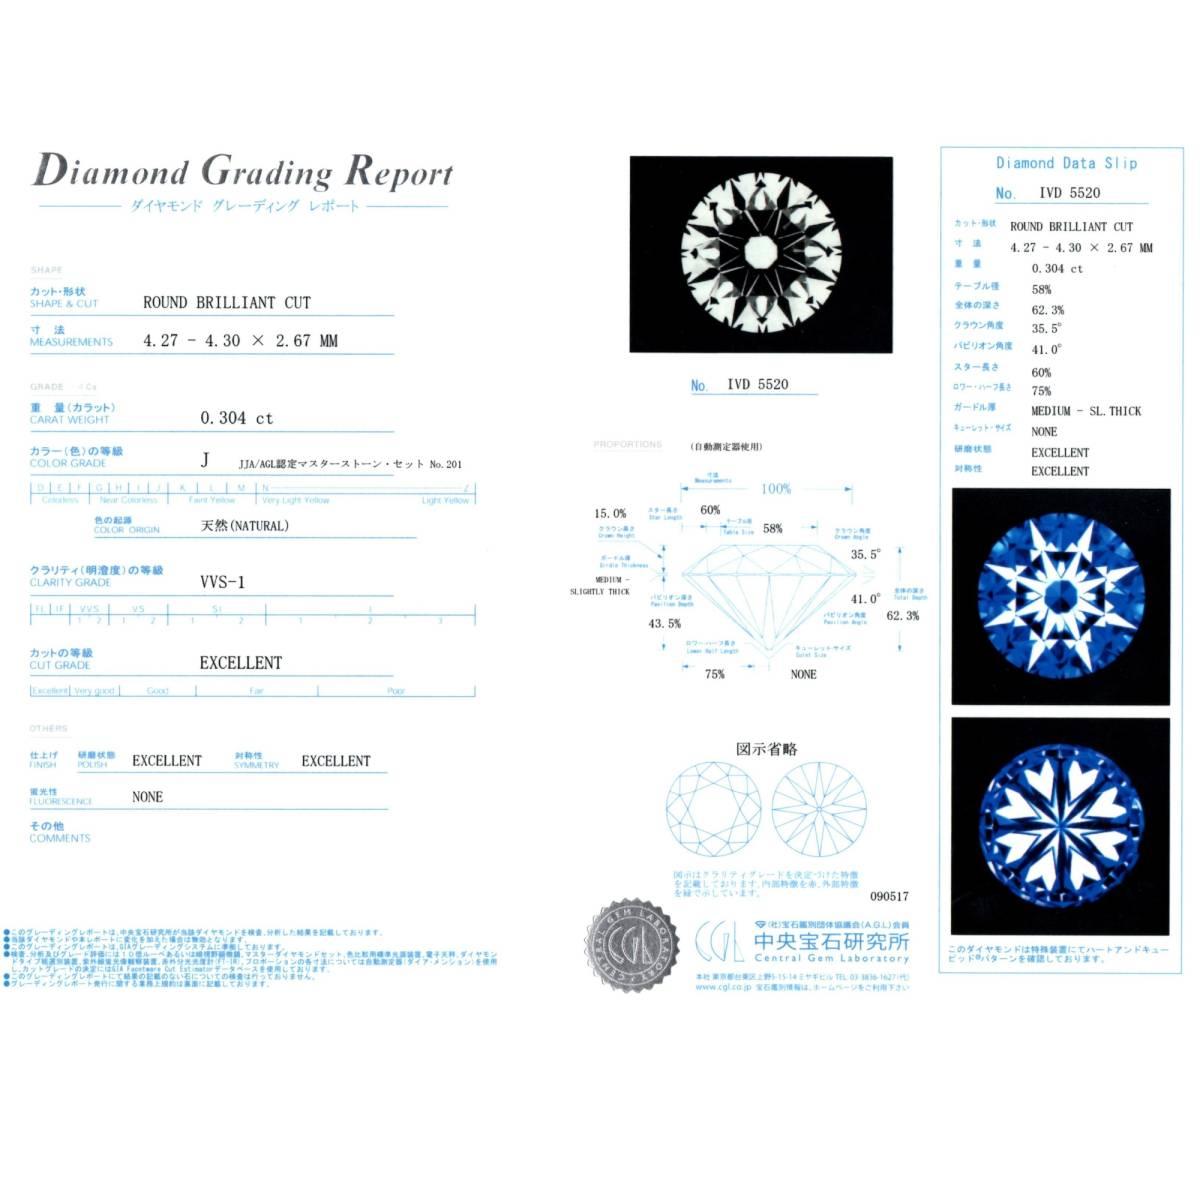 ◆【極上】プラチナ pt900 ダイヤモンド ピアス 3EX(H&C) 0.608ct 憧れの一品!diamond 2Pとも中宝鑑付き! 【珠玉】◆_中央宝石研究所発行のH&C鑑定書です。